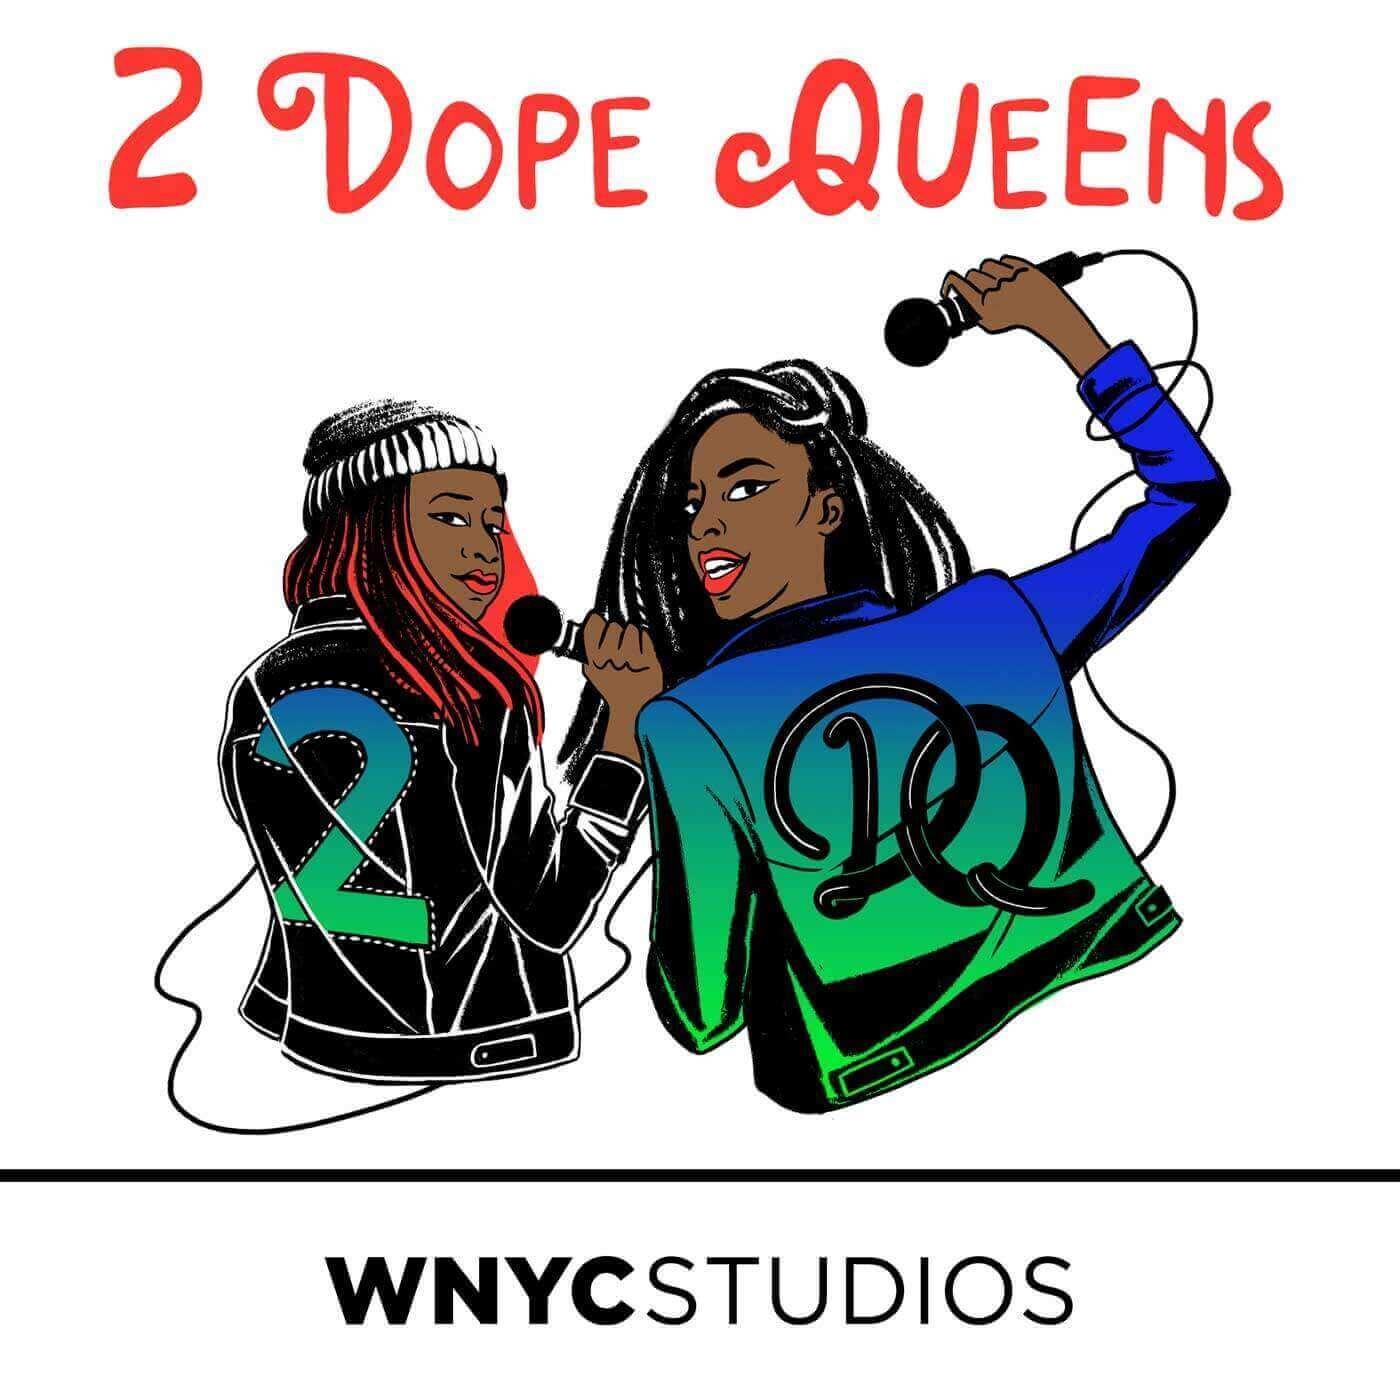 2DopeQueens_WNYCStudios_1400.png